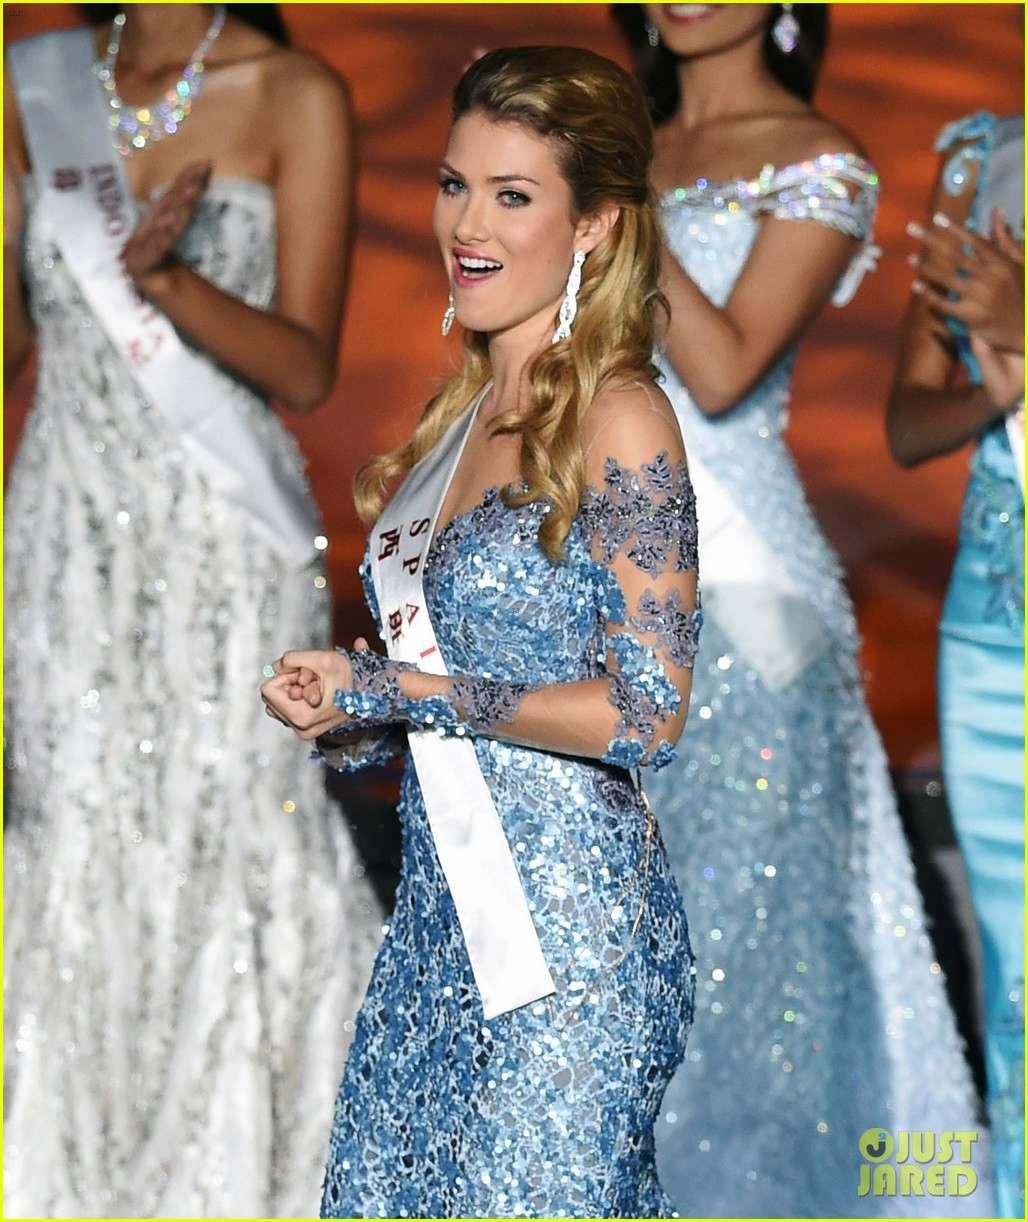 mireia lalaguna, miss world 2015. Who-wo11